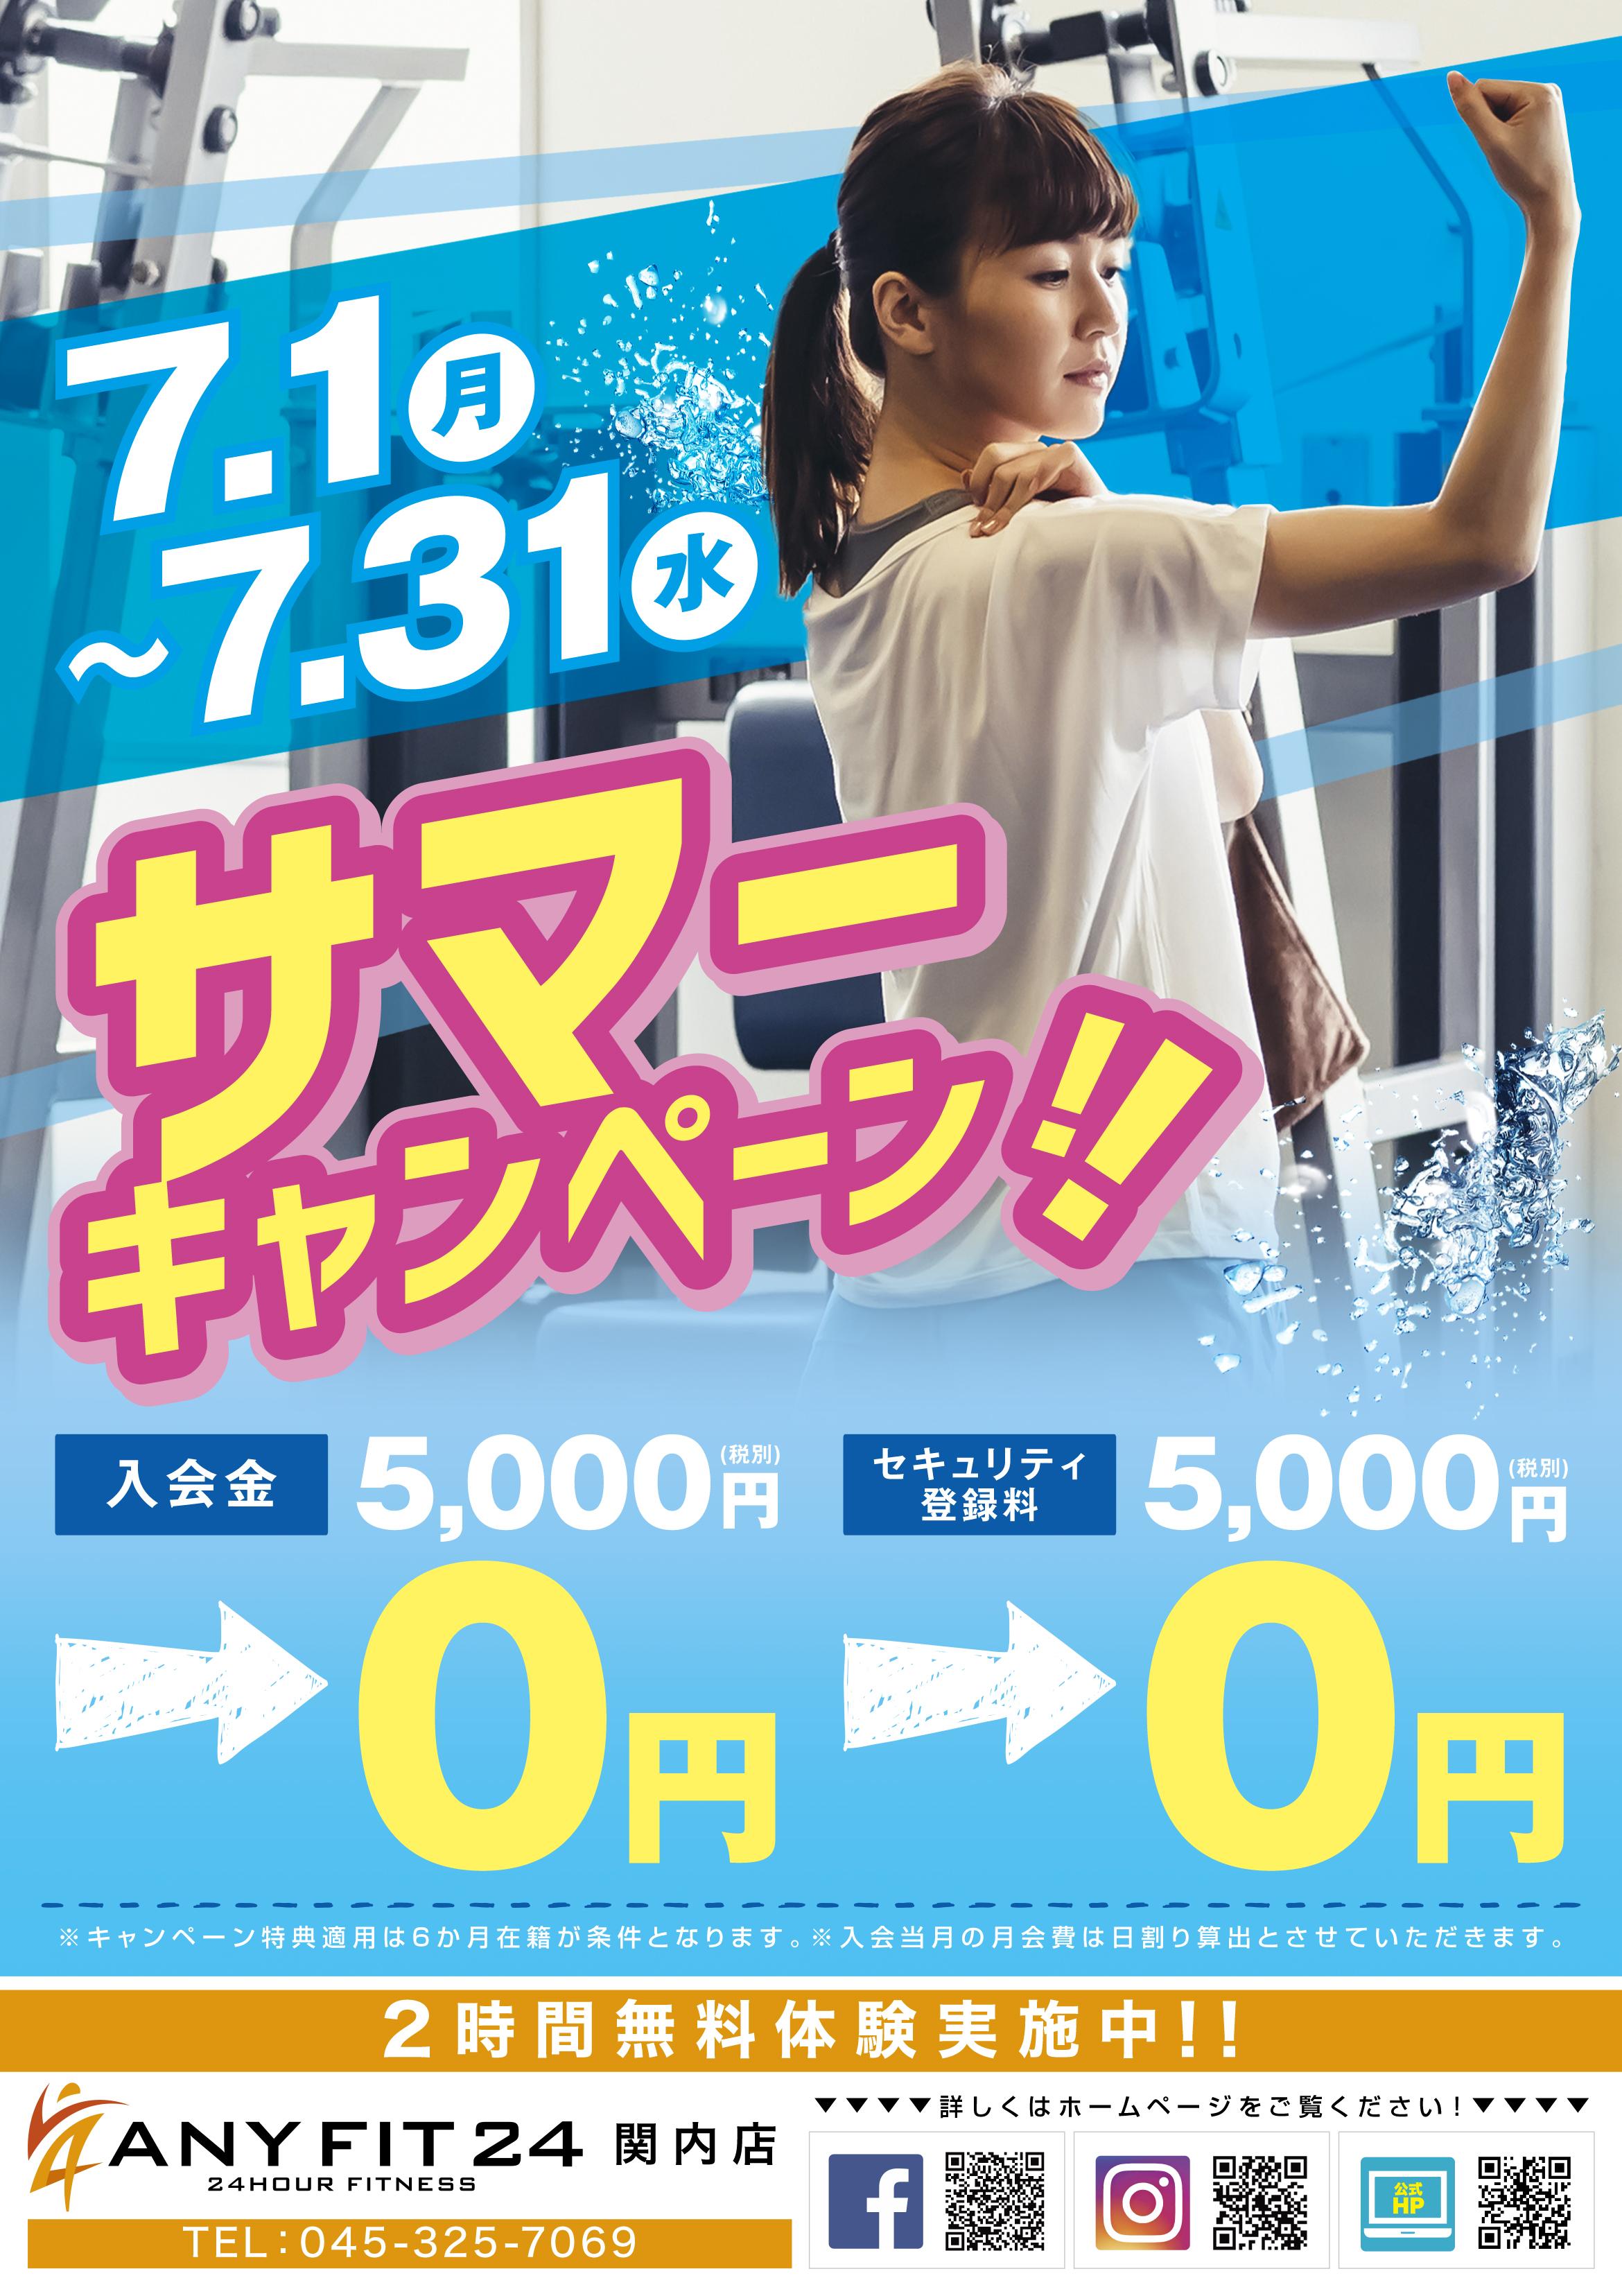 【全店】初期費用0円で始めよう!サマーキャンペーン!